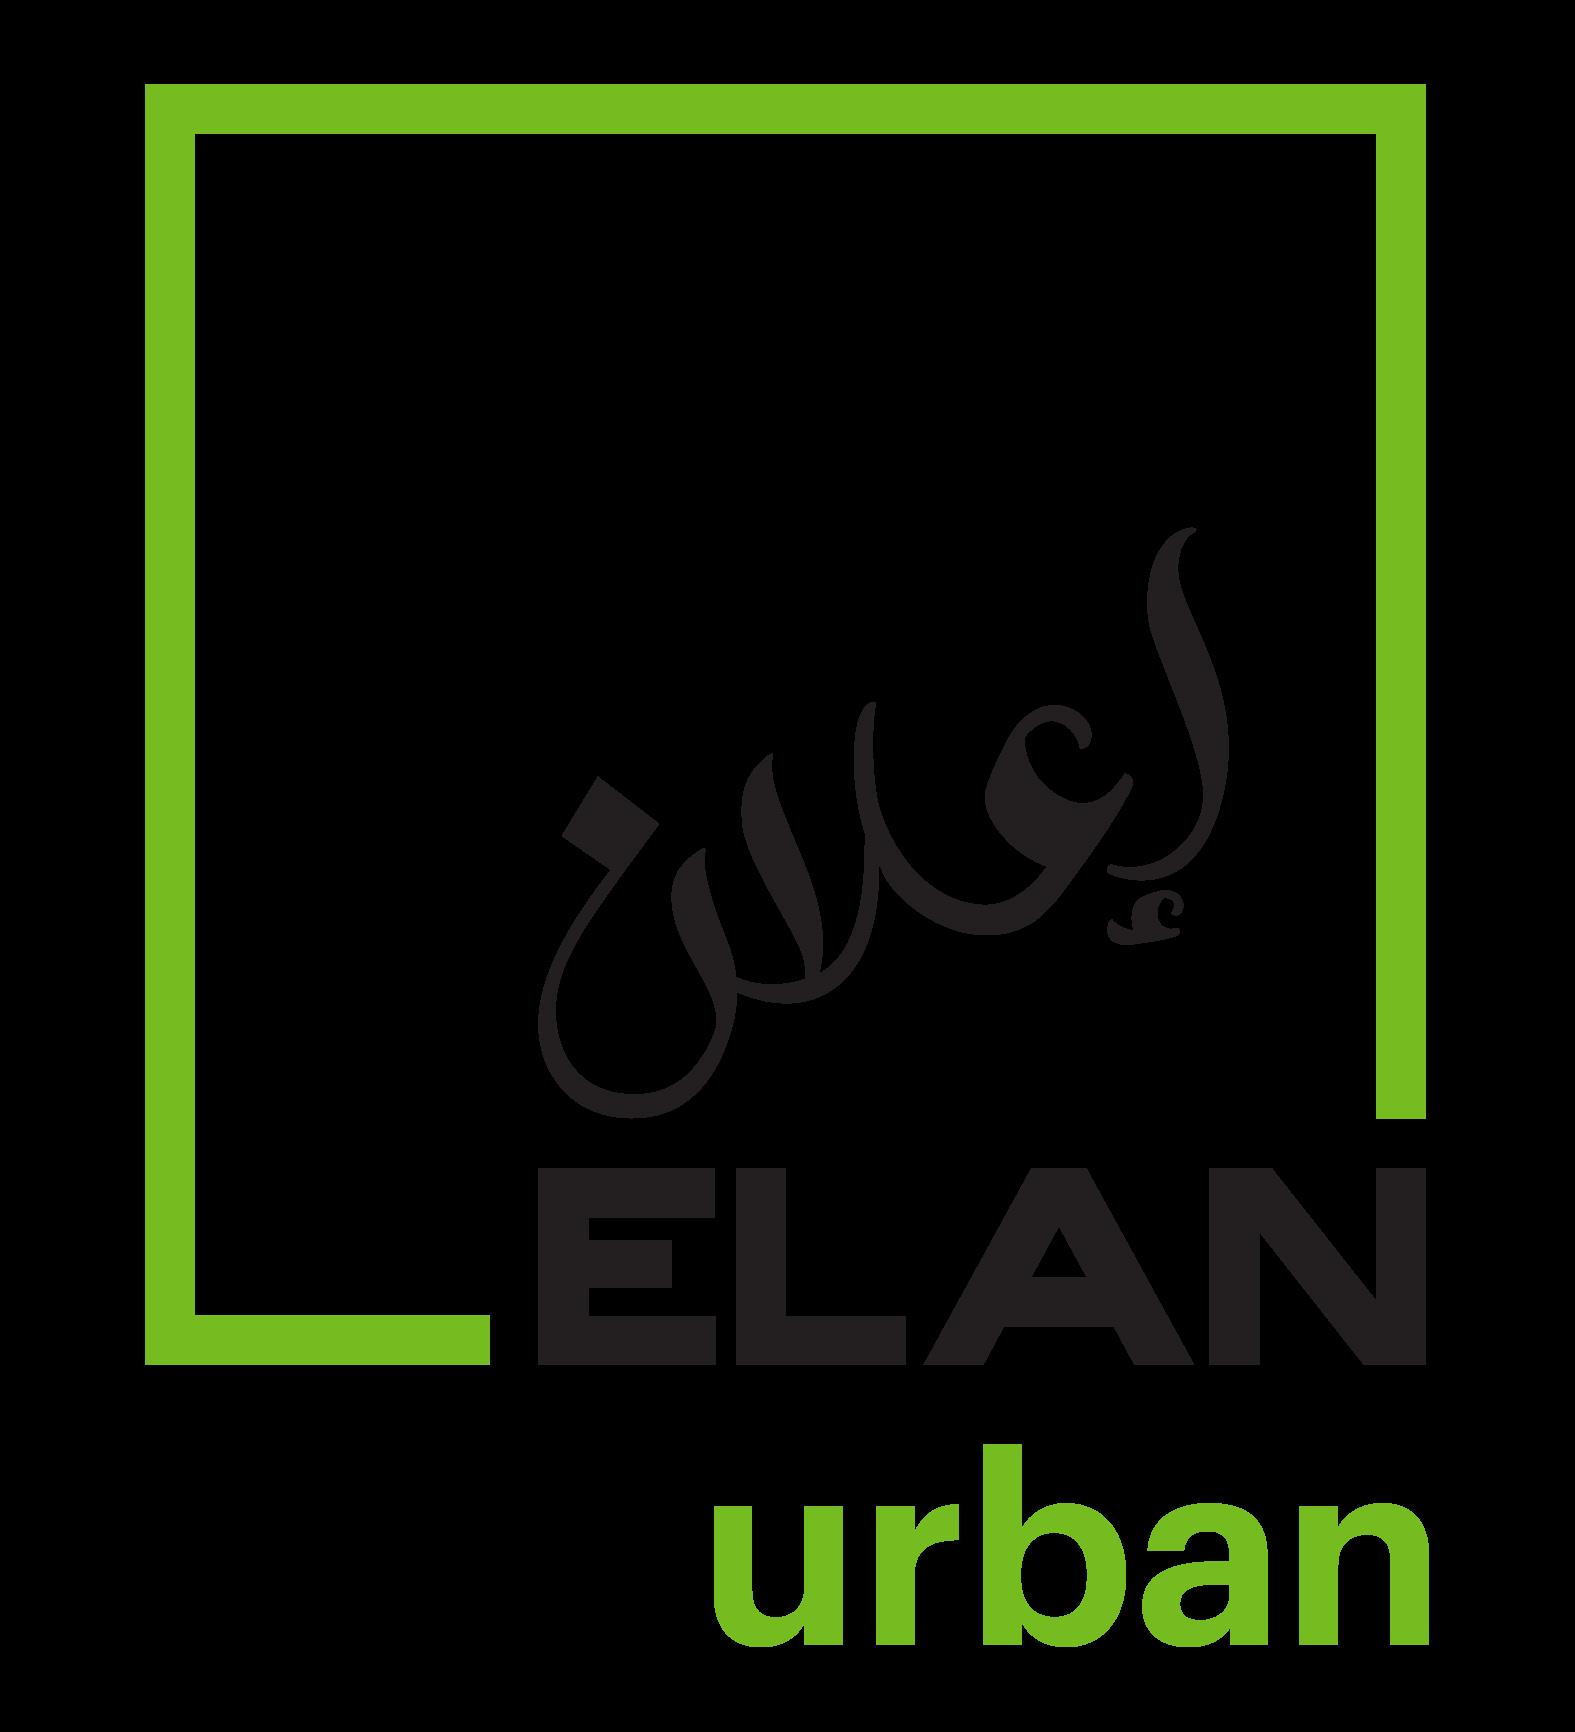 ELAN Urban